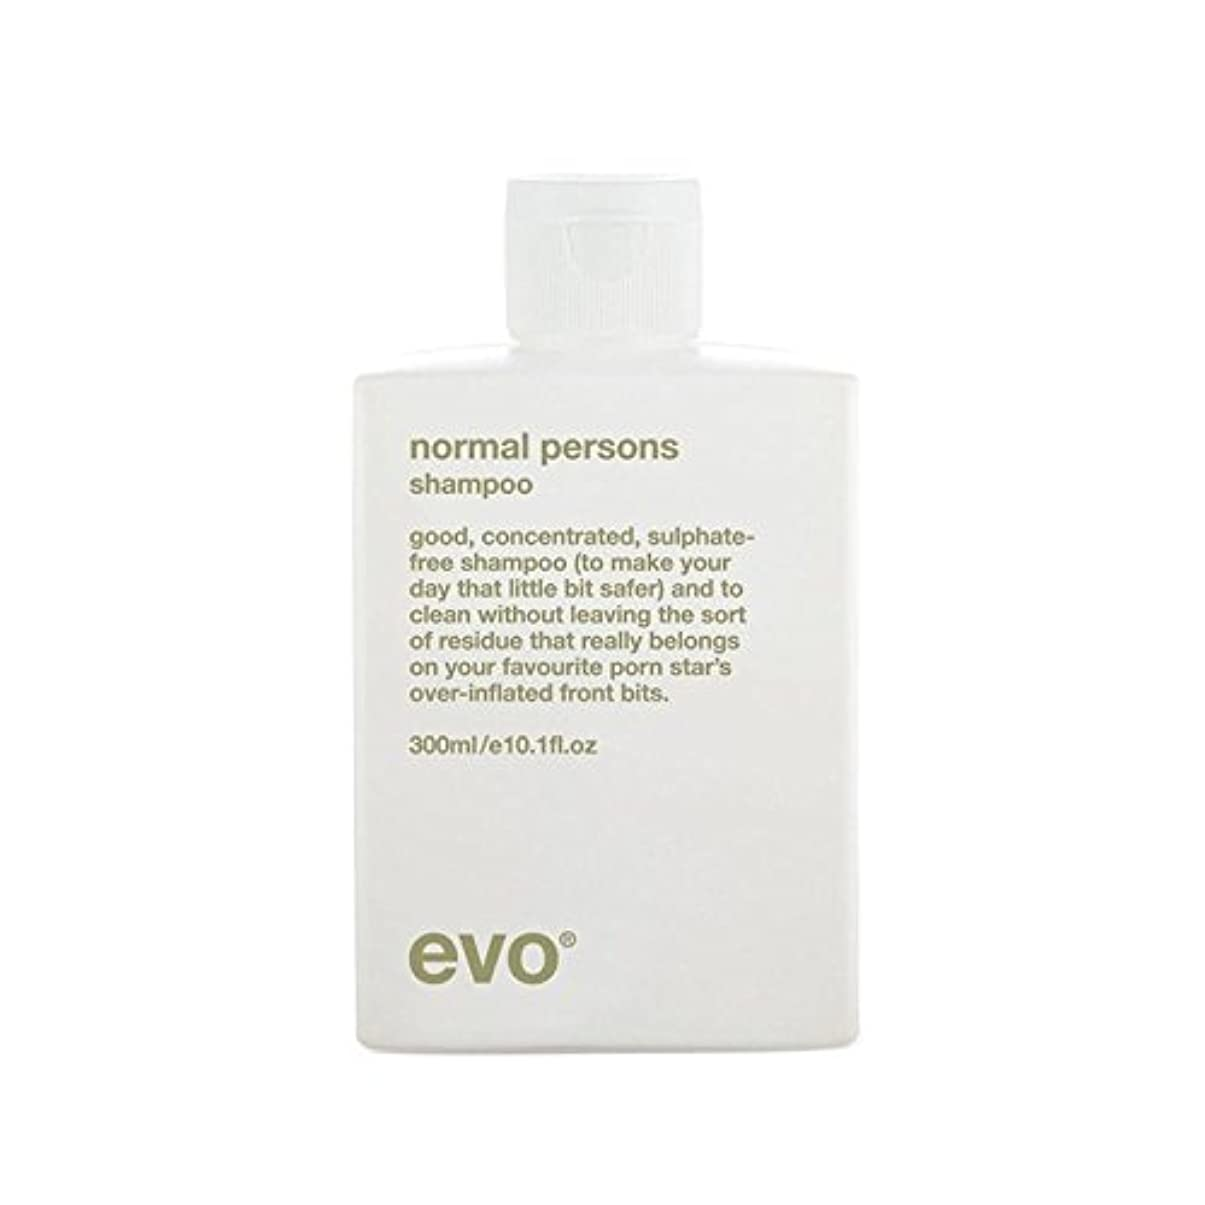 攻撃後抹消エボ正常人シャンプー(300ミリリットル) x2 - Evo Normal Persons Shampoo (300ml) (Pack of 2) [並行輸入品]